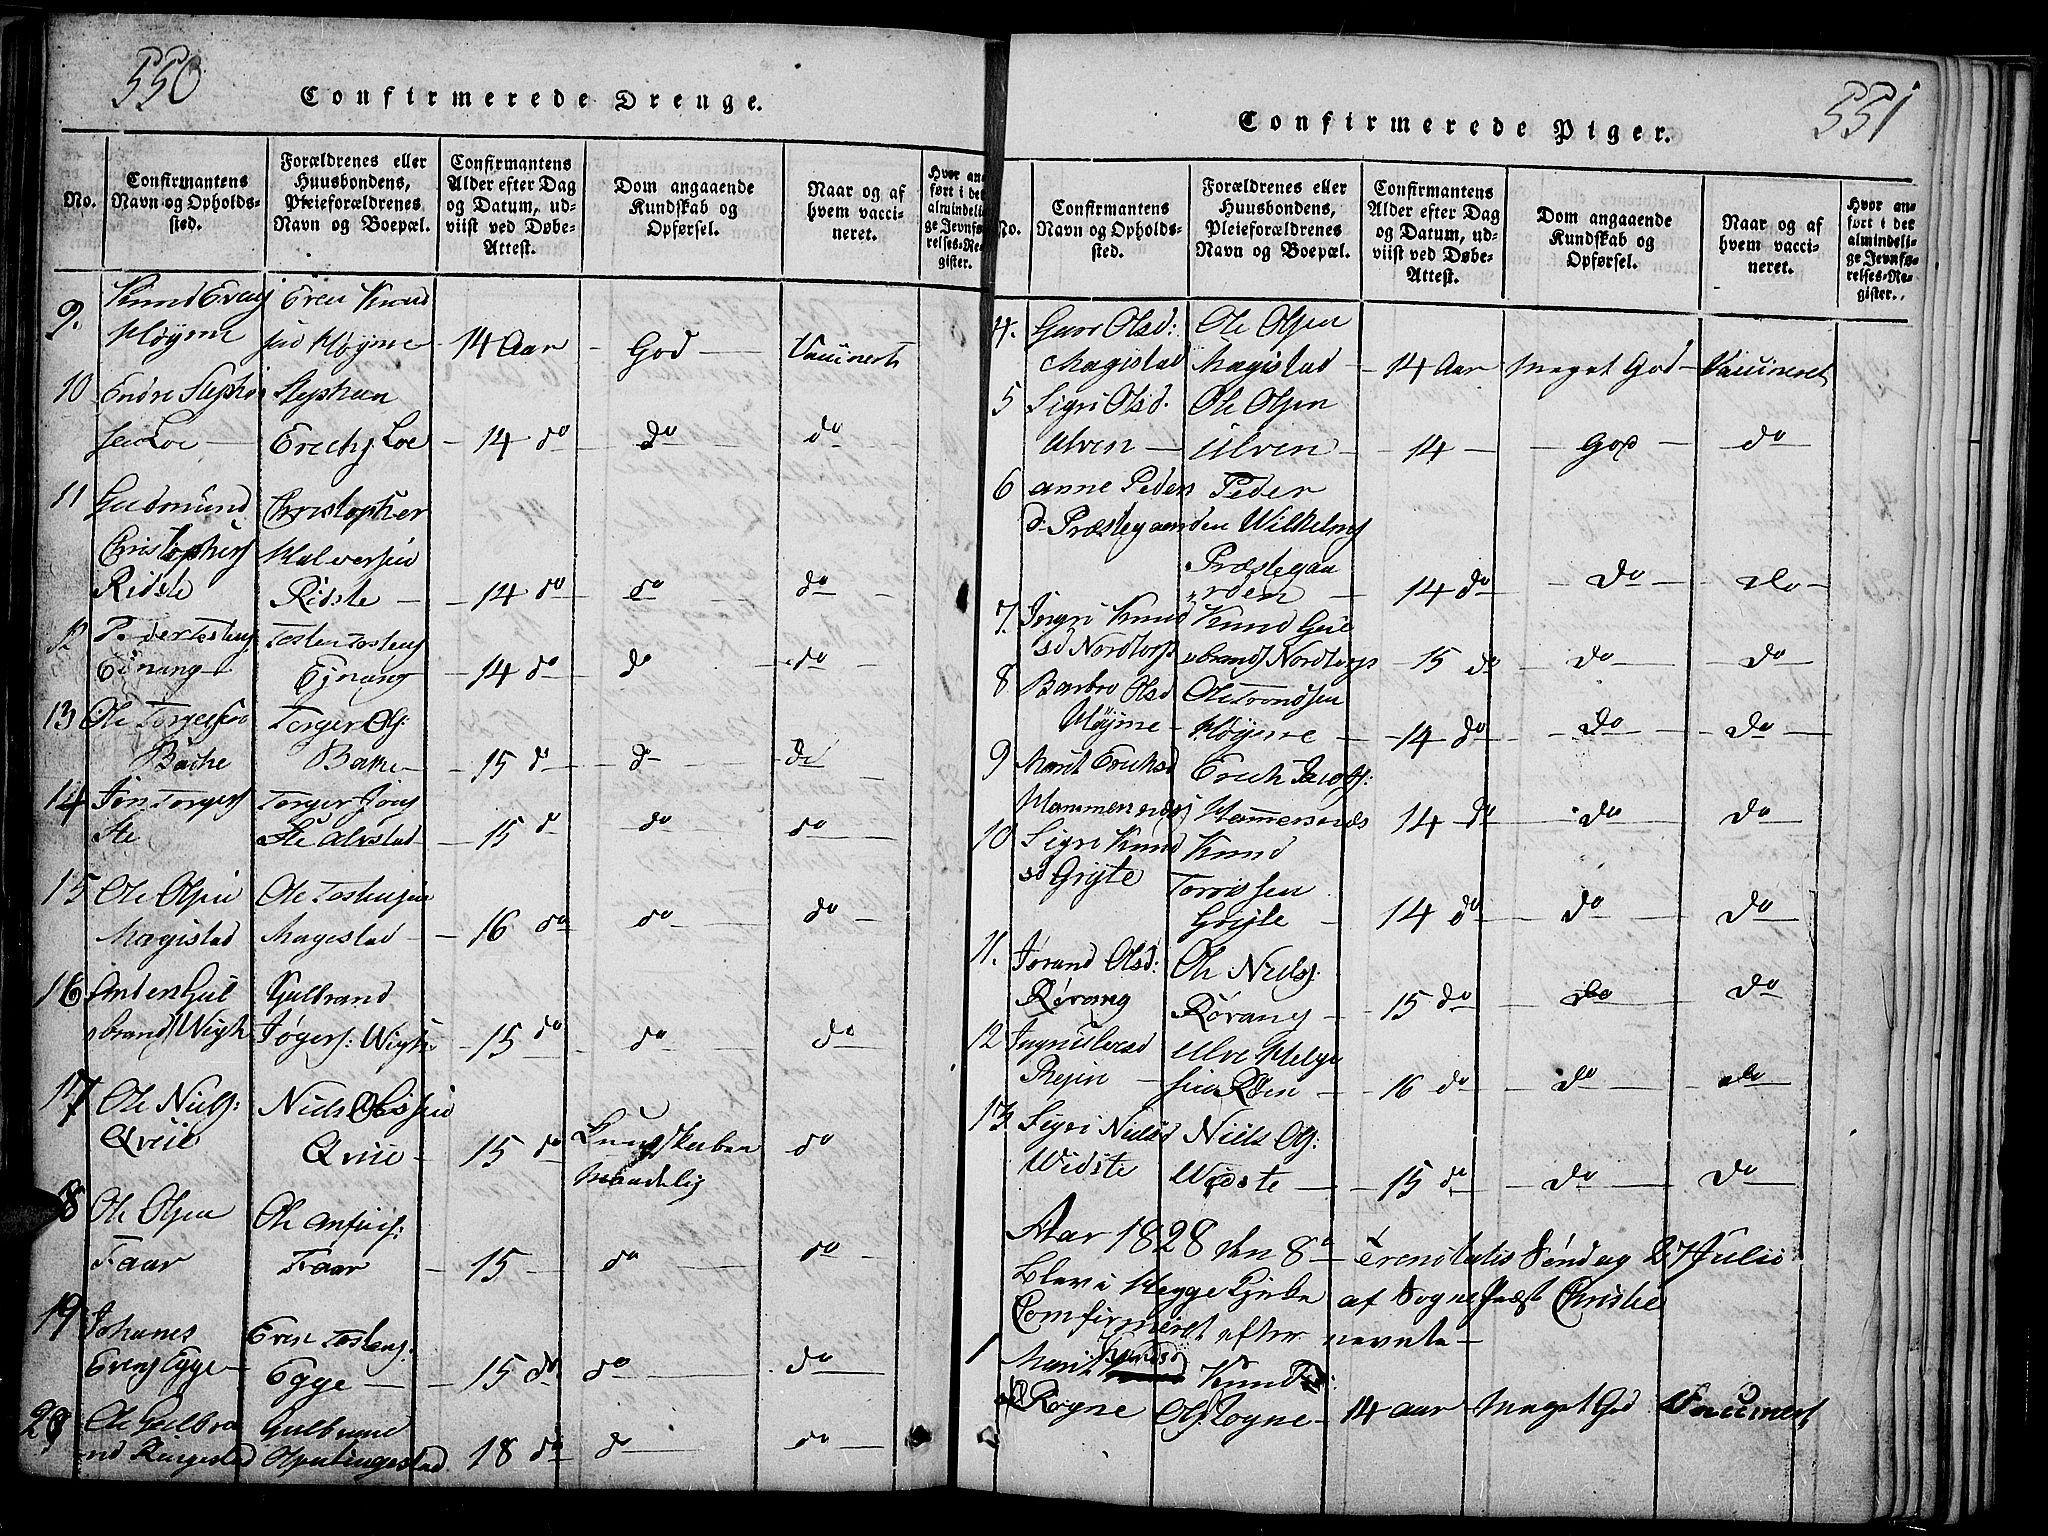 SAH, Slidre prestekontor, Ministerialbok nr. 2, 1814-1830, s. 550-551